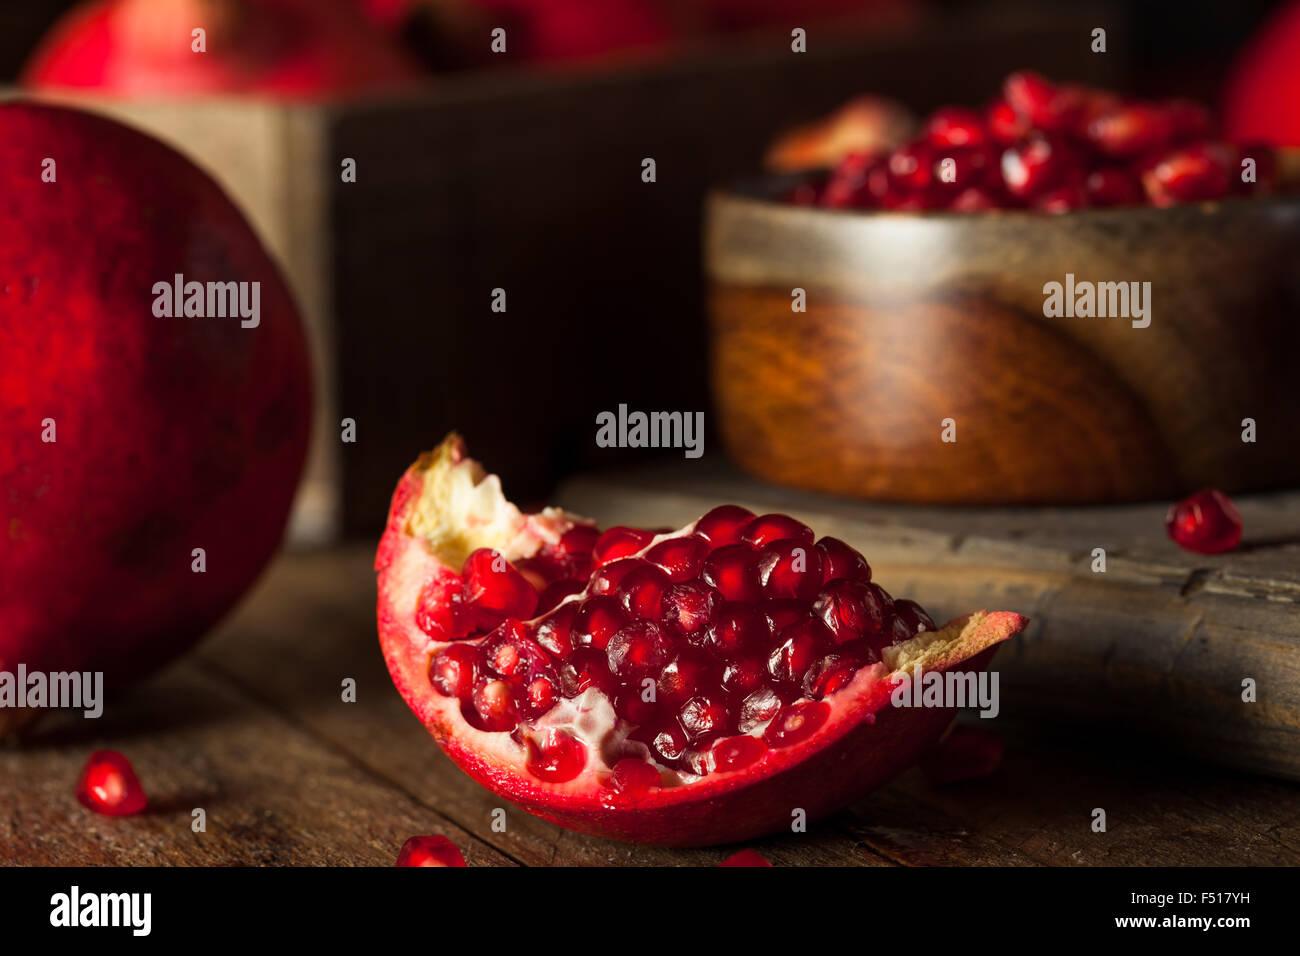 Materie organiche melograno rosso pronto a mangiare Immagini Stock